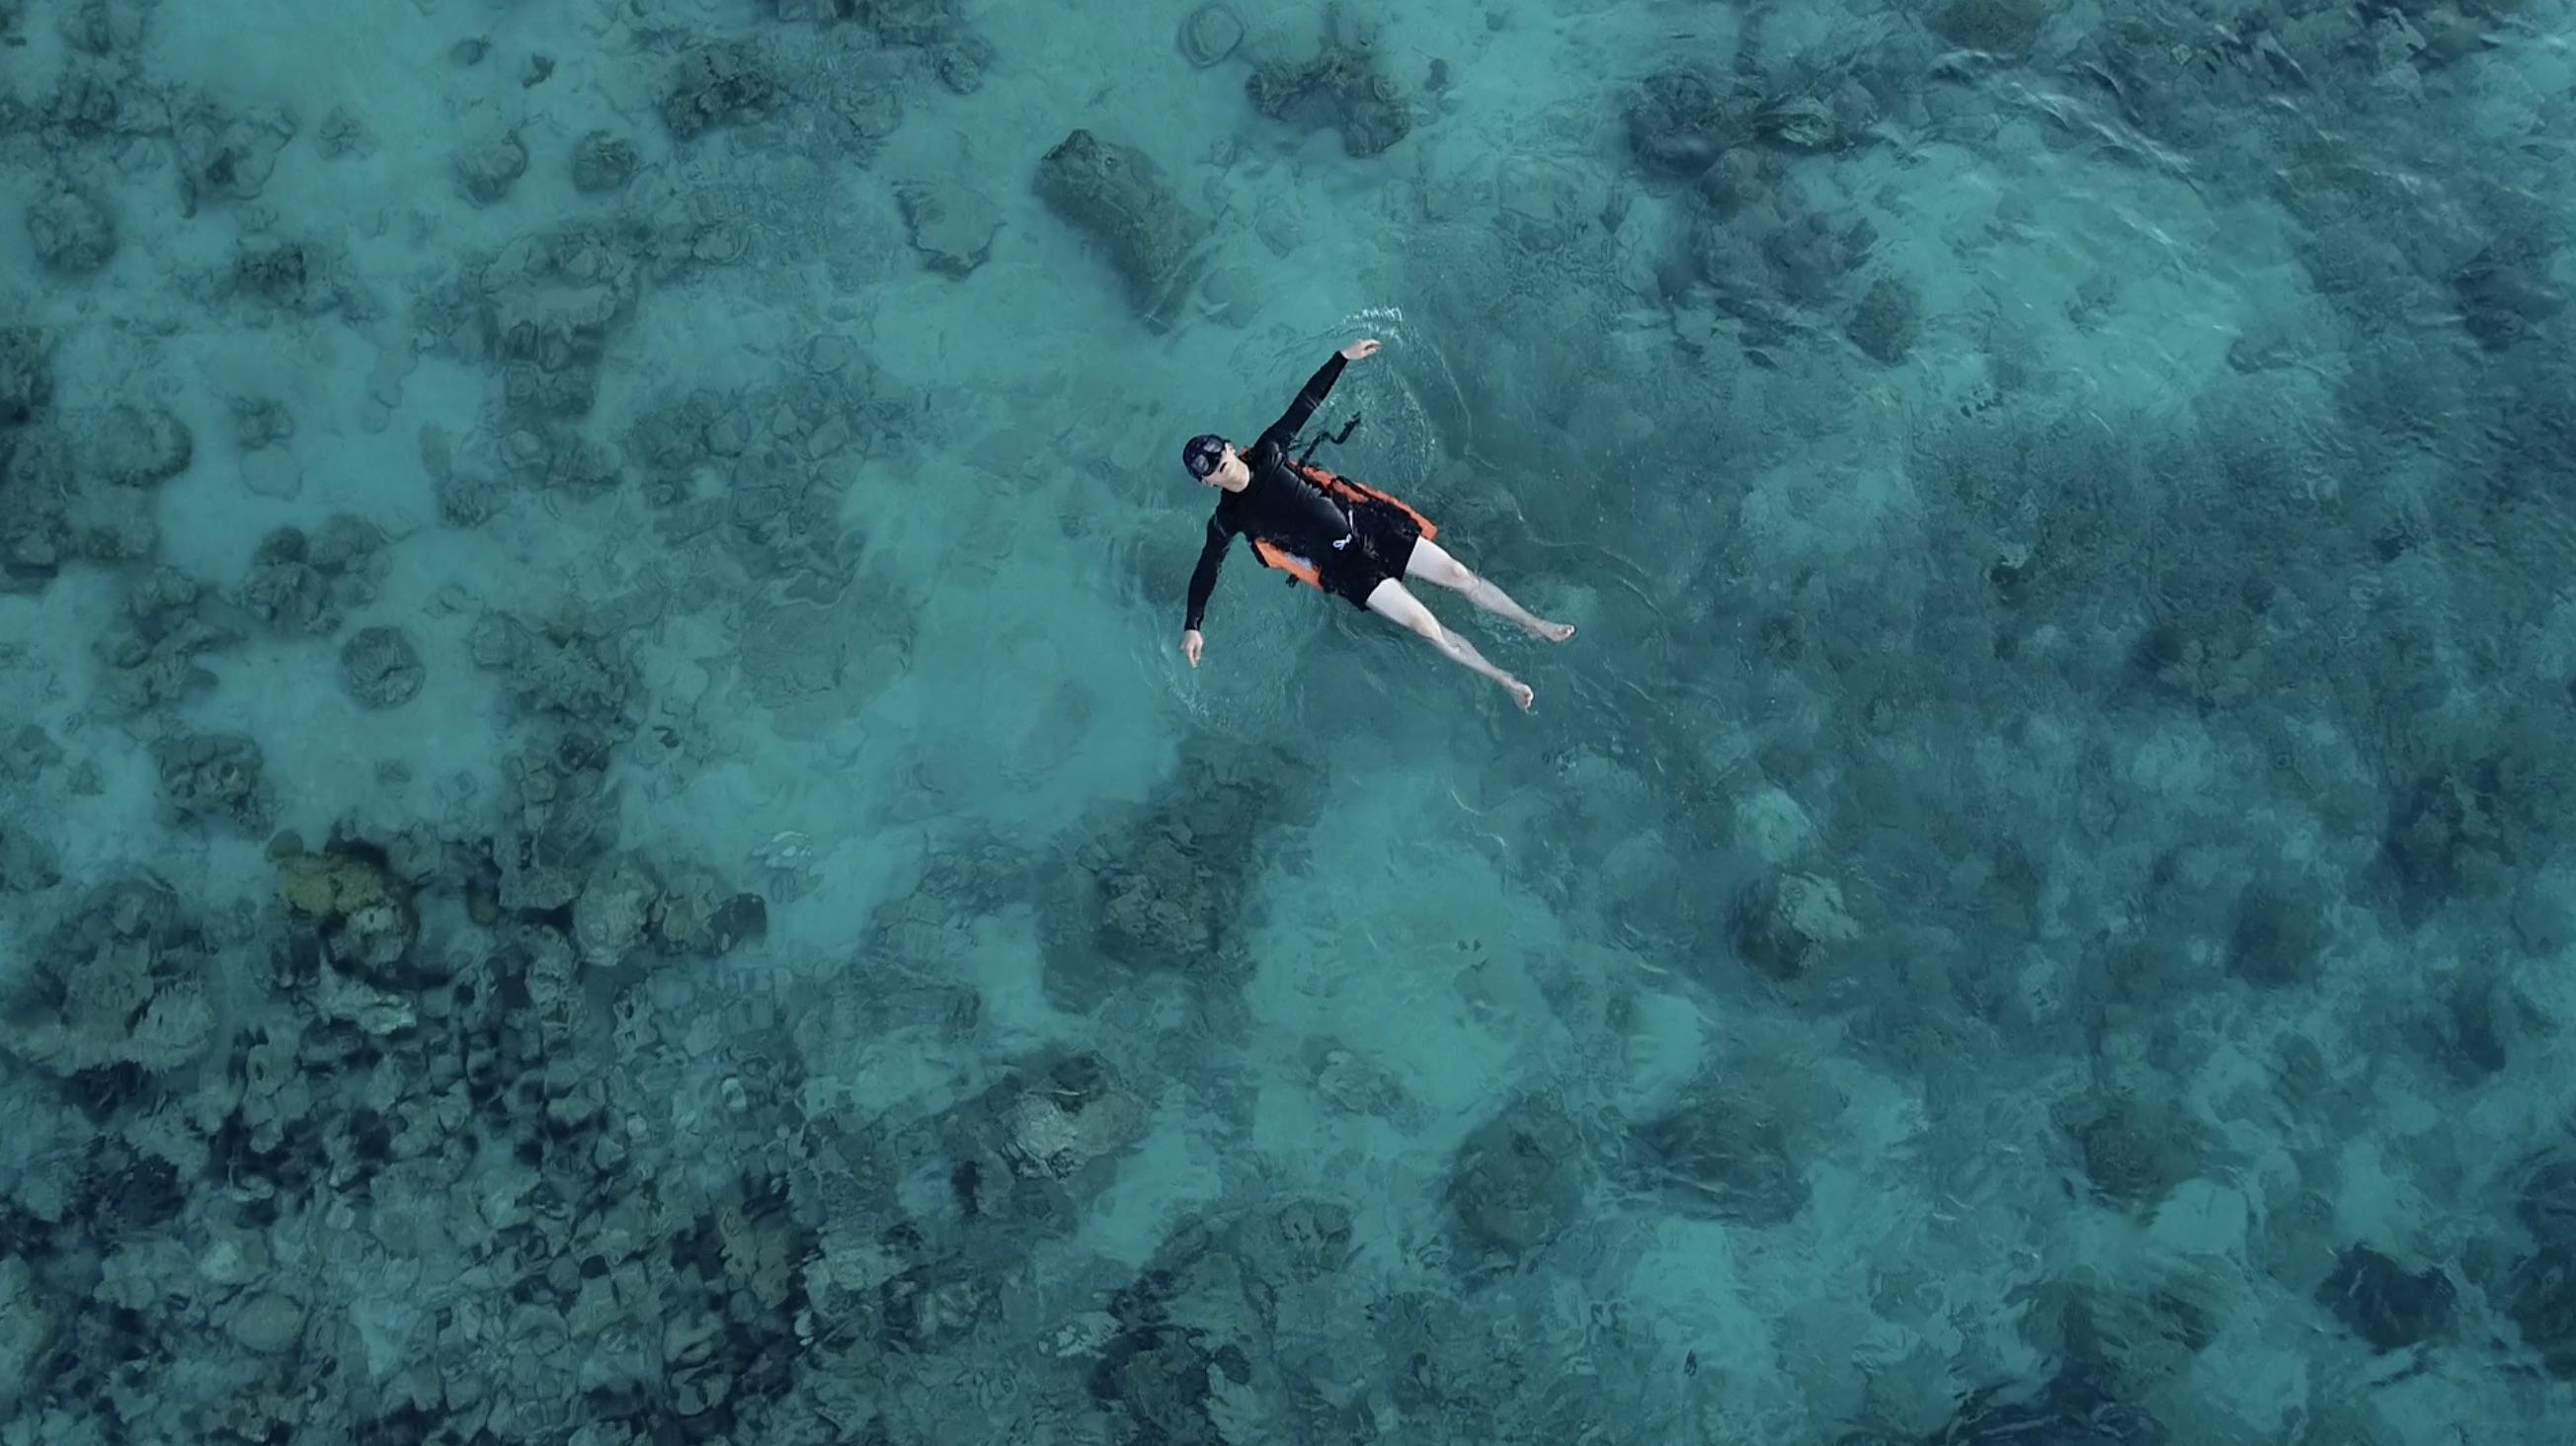 세계테마기행 - 파란 나라 필리핀 1부 낭만 마닐라